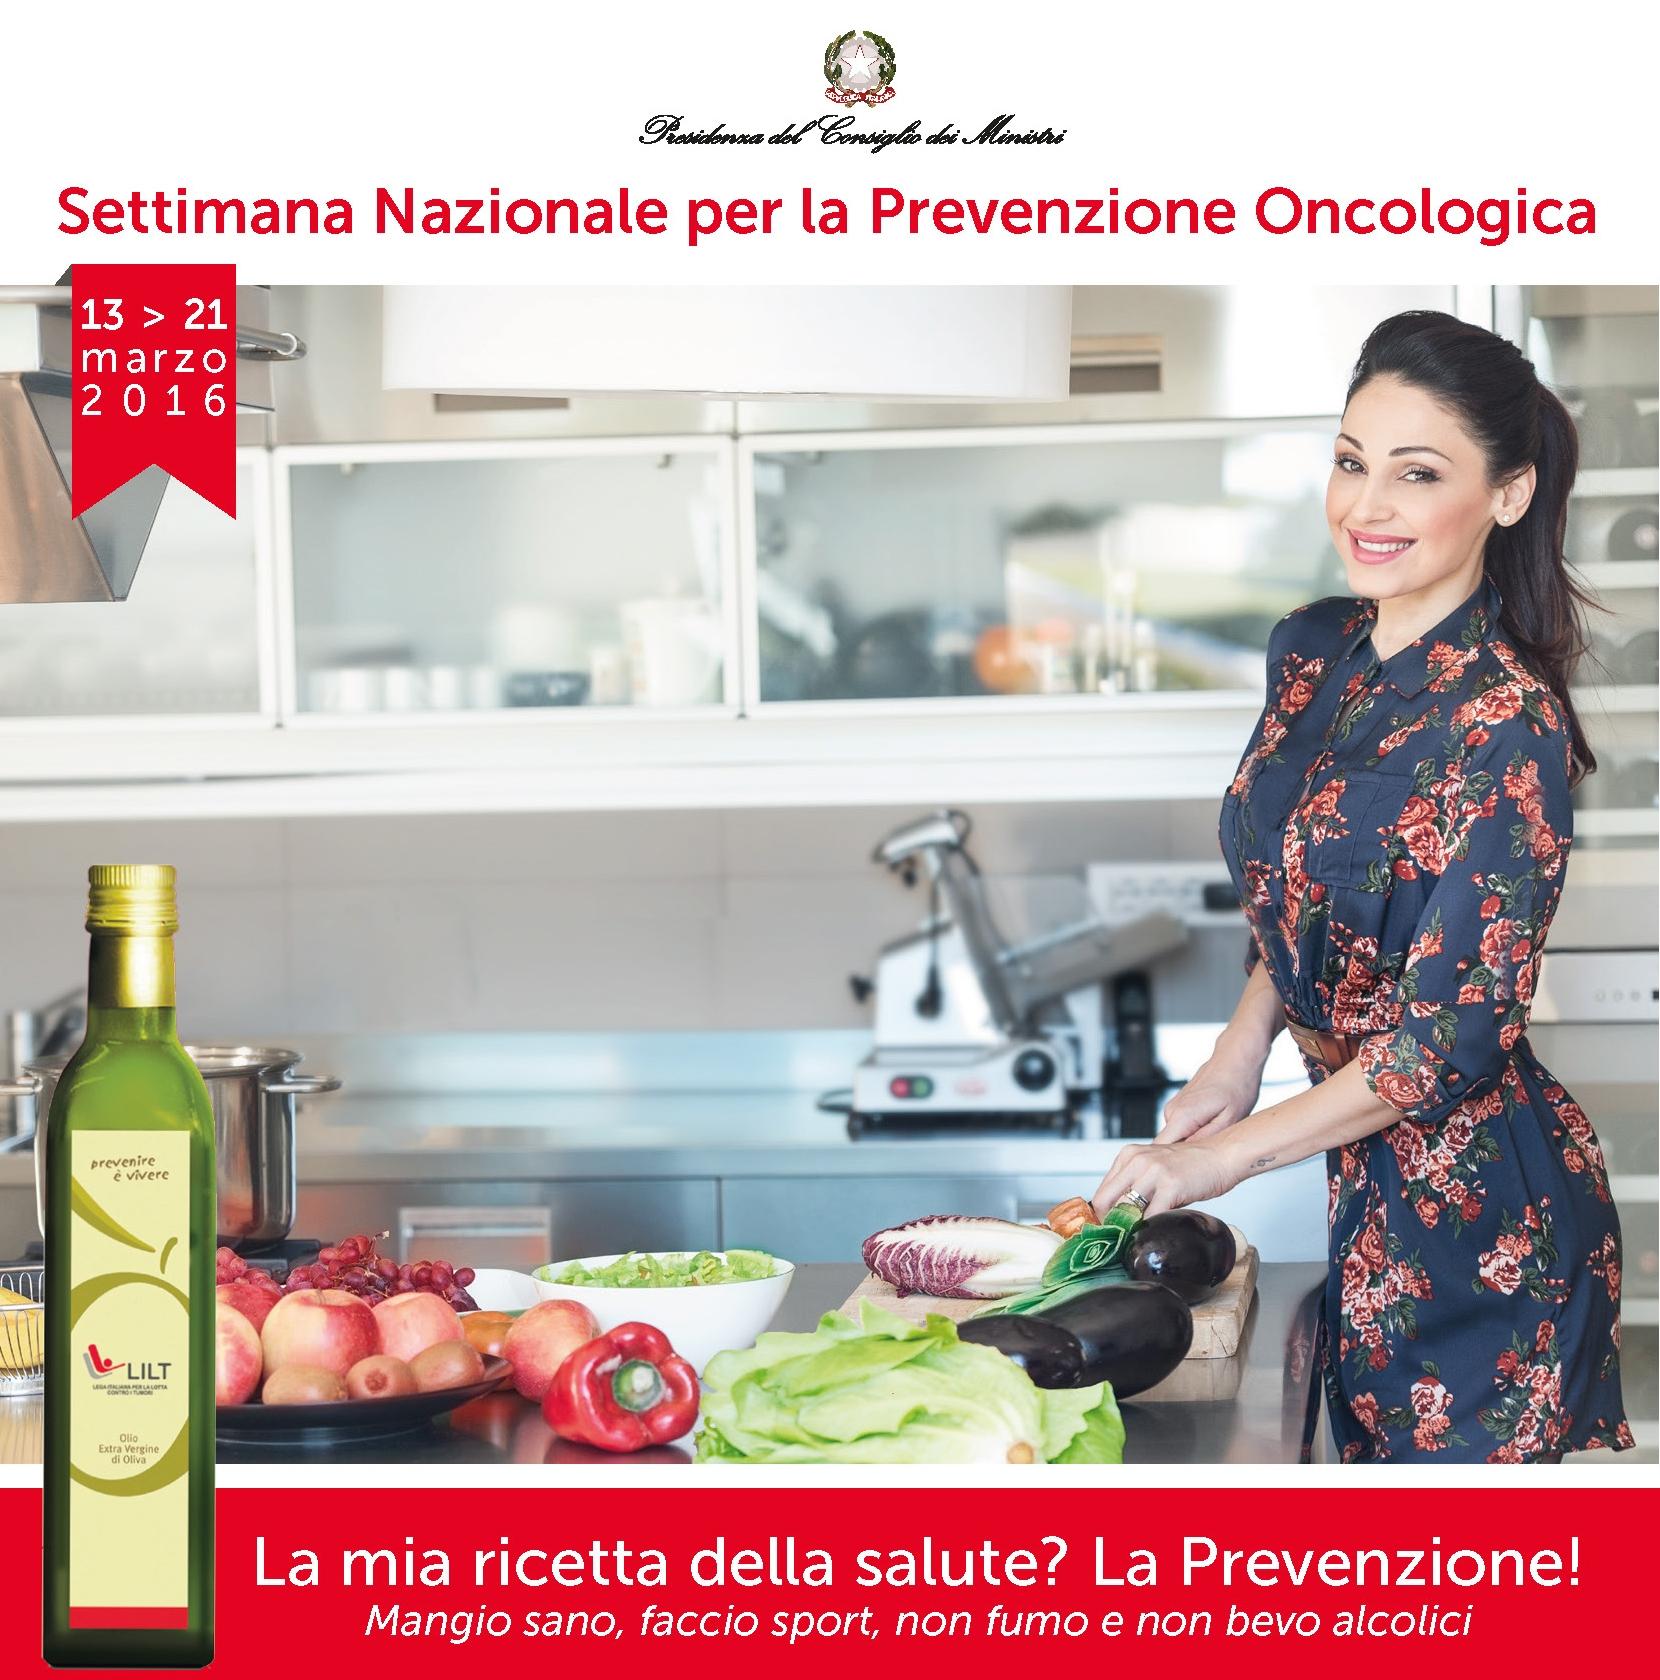 Anche l'olio da olive alla Settimana nazionale per la prevenzione oncologica